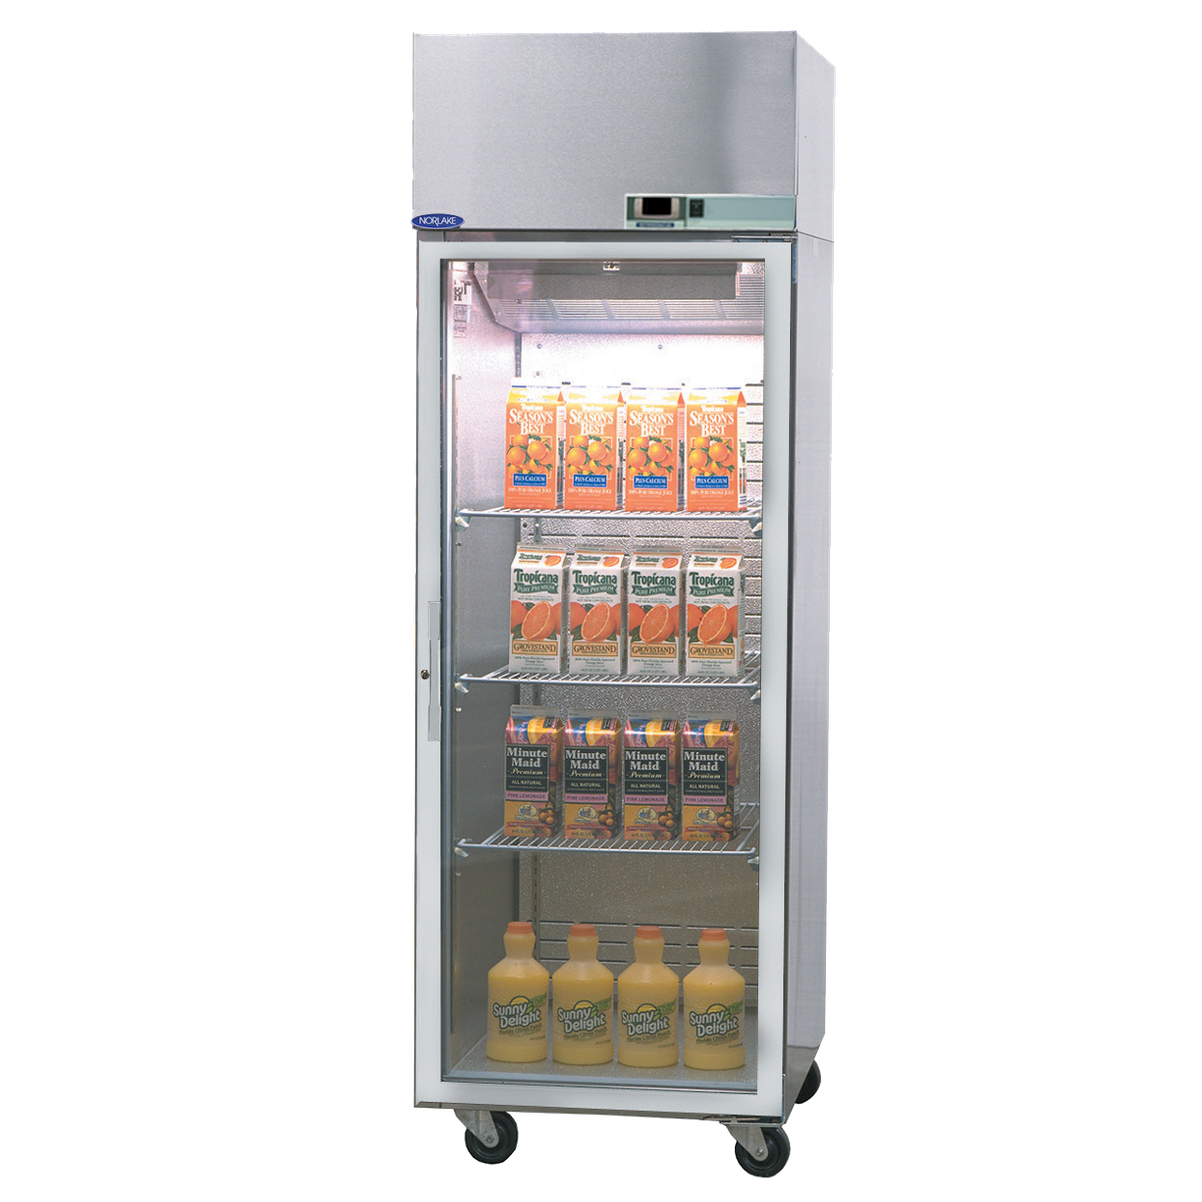 Nor-Lake NR241SSG/0R refrigerator, reach-in